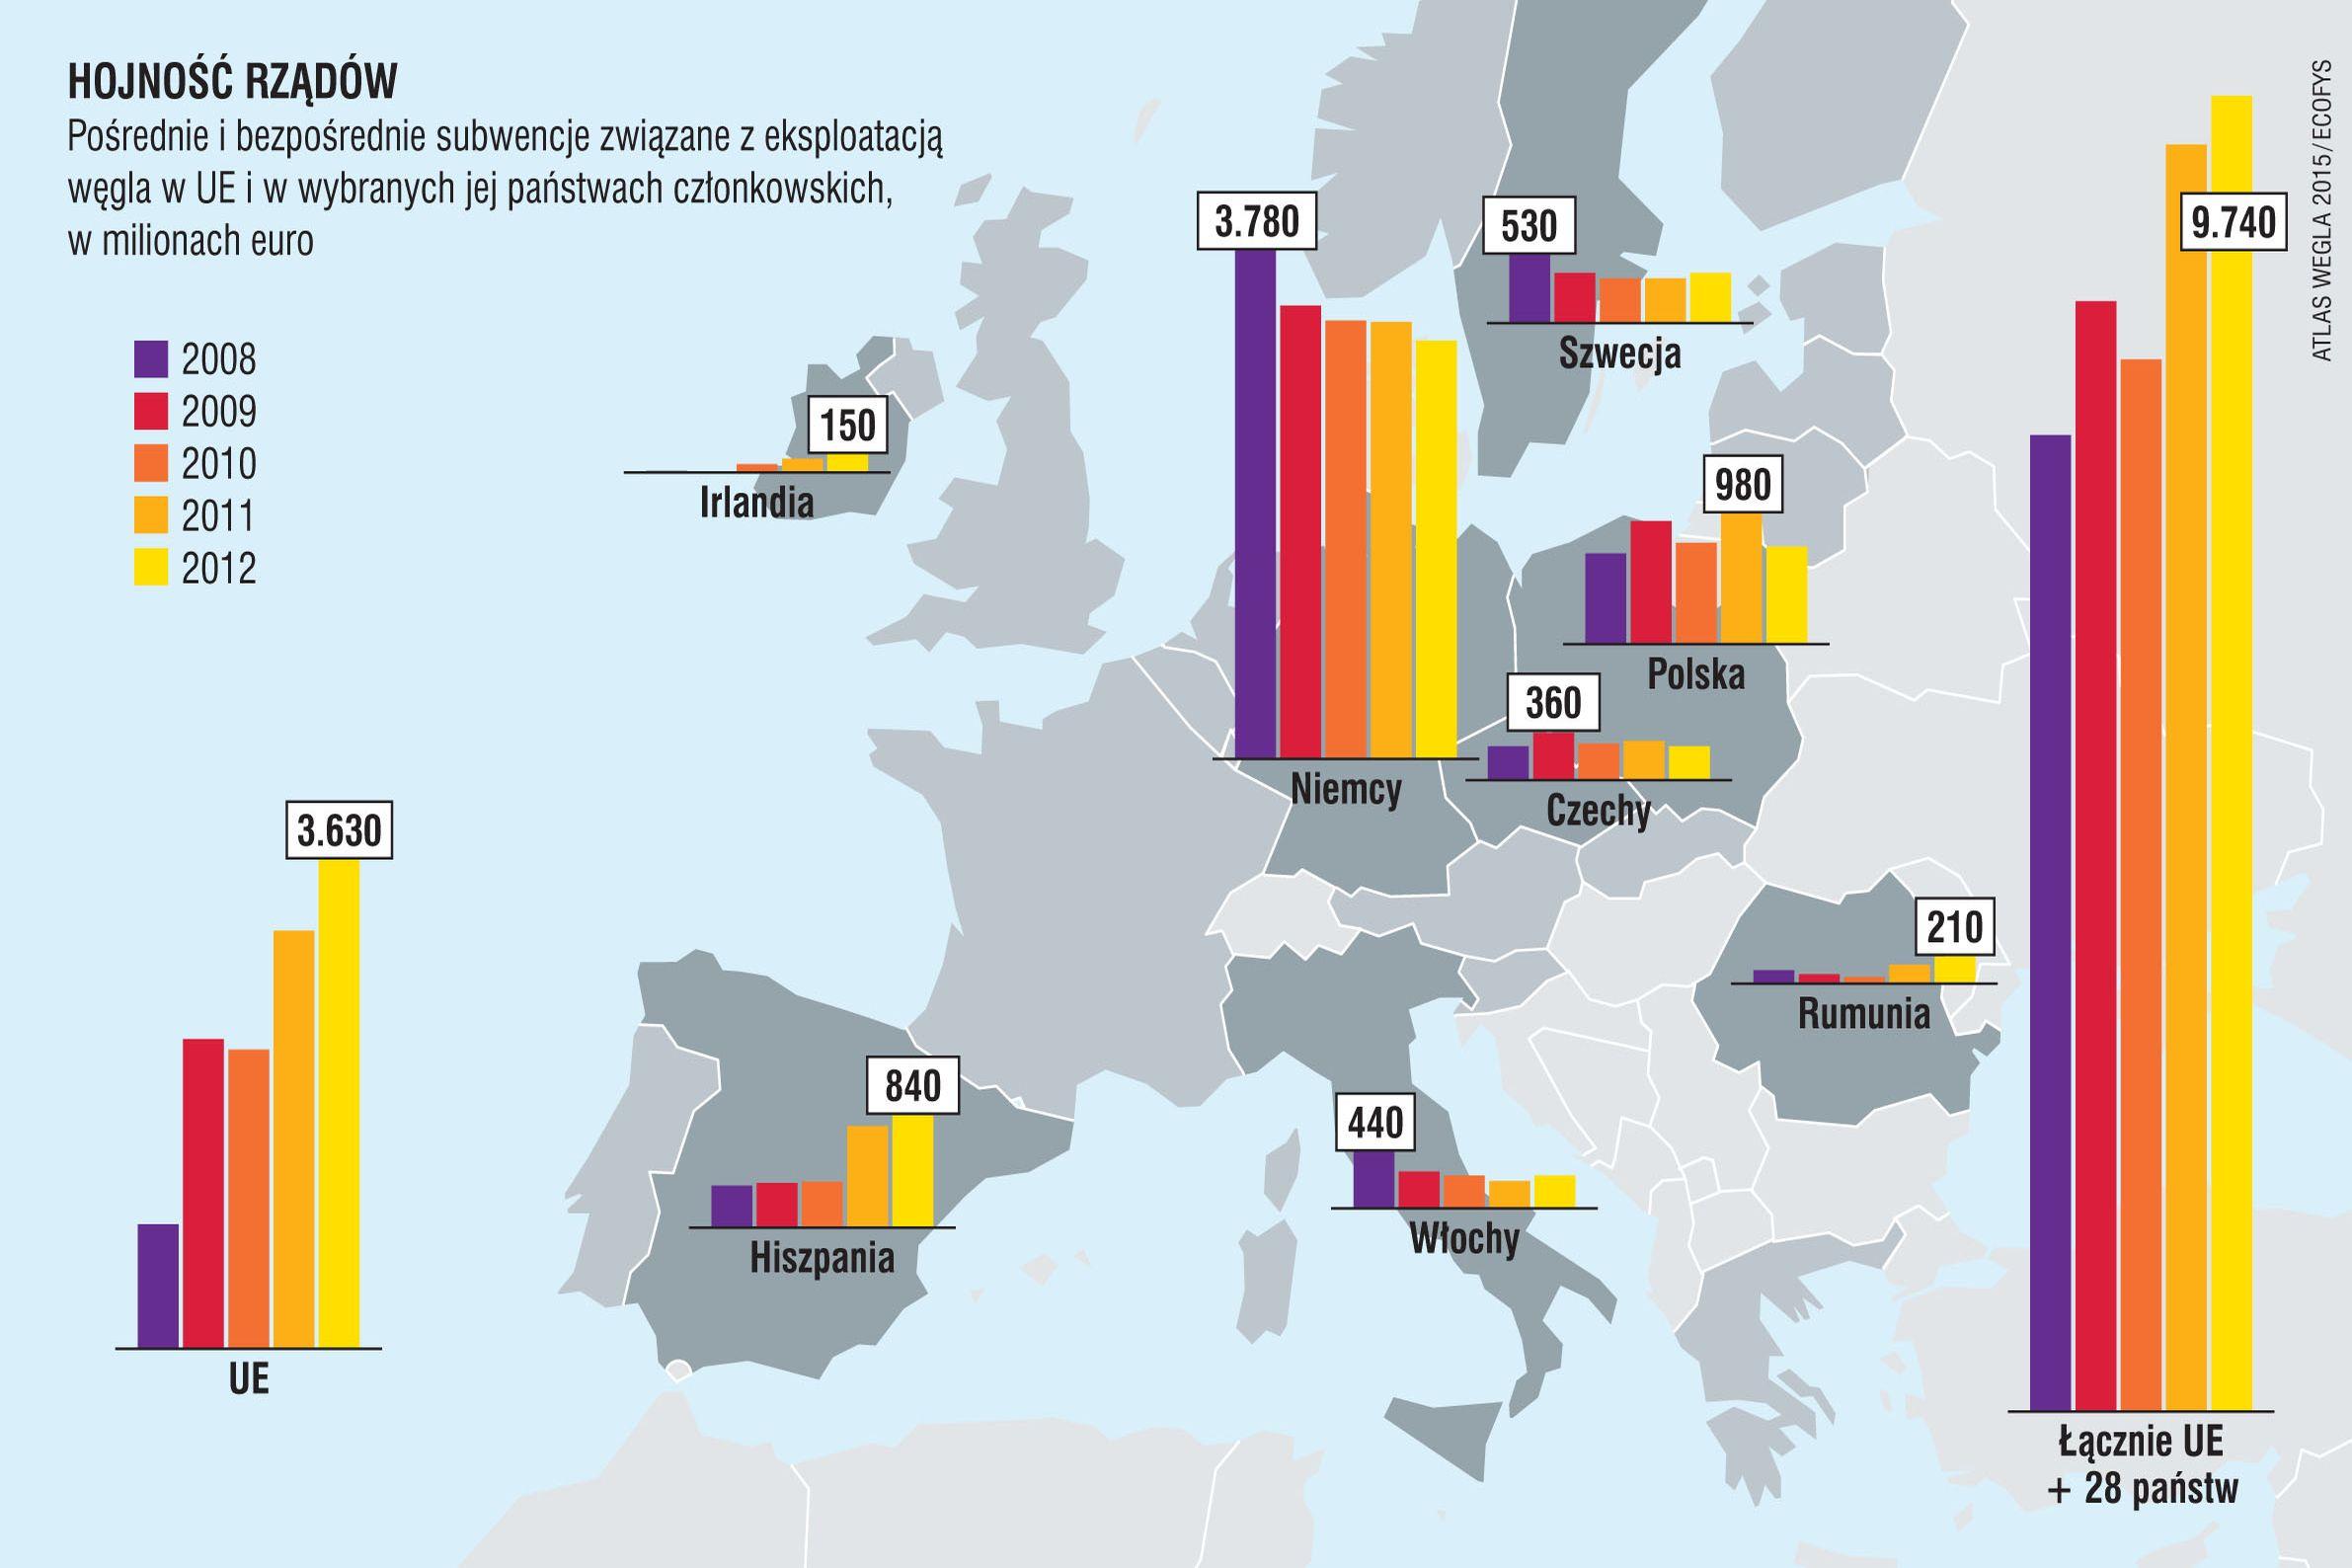 Kształtowane cen. Ukryte subwencje, jawne rachunki | Heinrich-Böll-Stiftung Warszawa